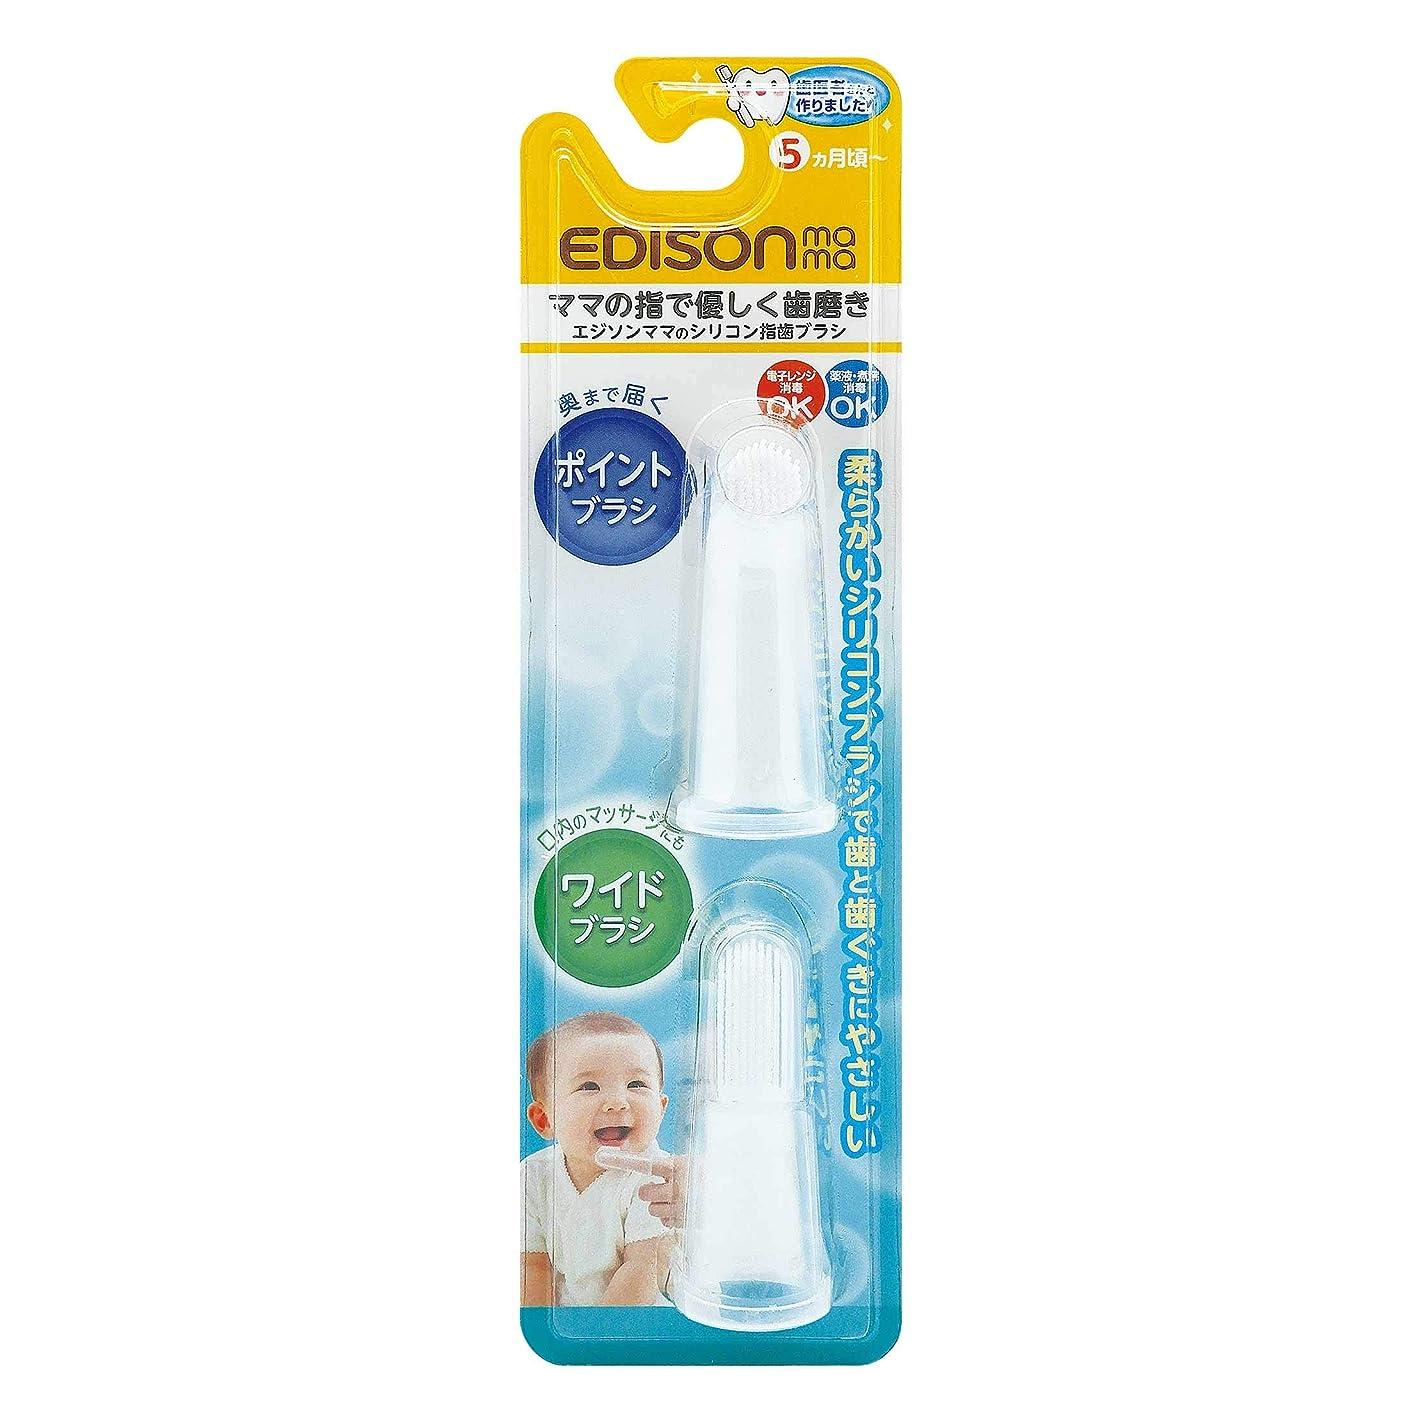 補うジェットバイオレットKJC エジソンママ (EDISONmama) シリコン指歯ブラシ 5ヶ月頃から対象